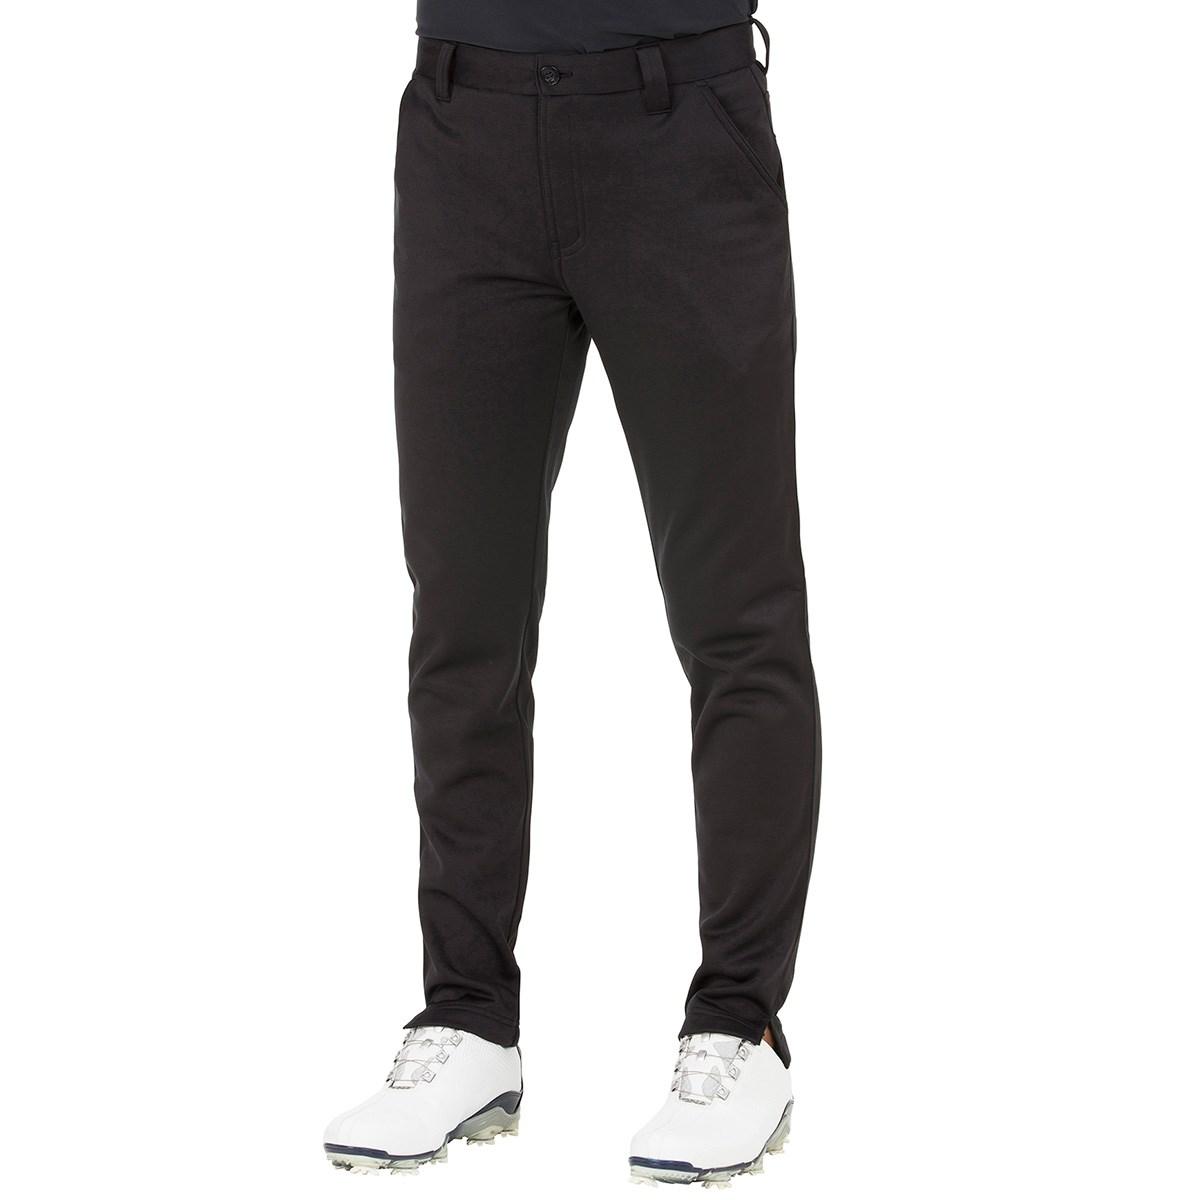 GDO オリジナル 裏起毛6ポケット型ジャージパンツ 股下73cm